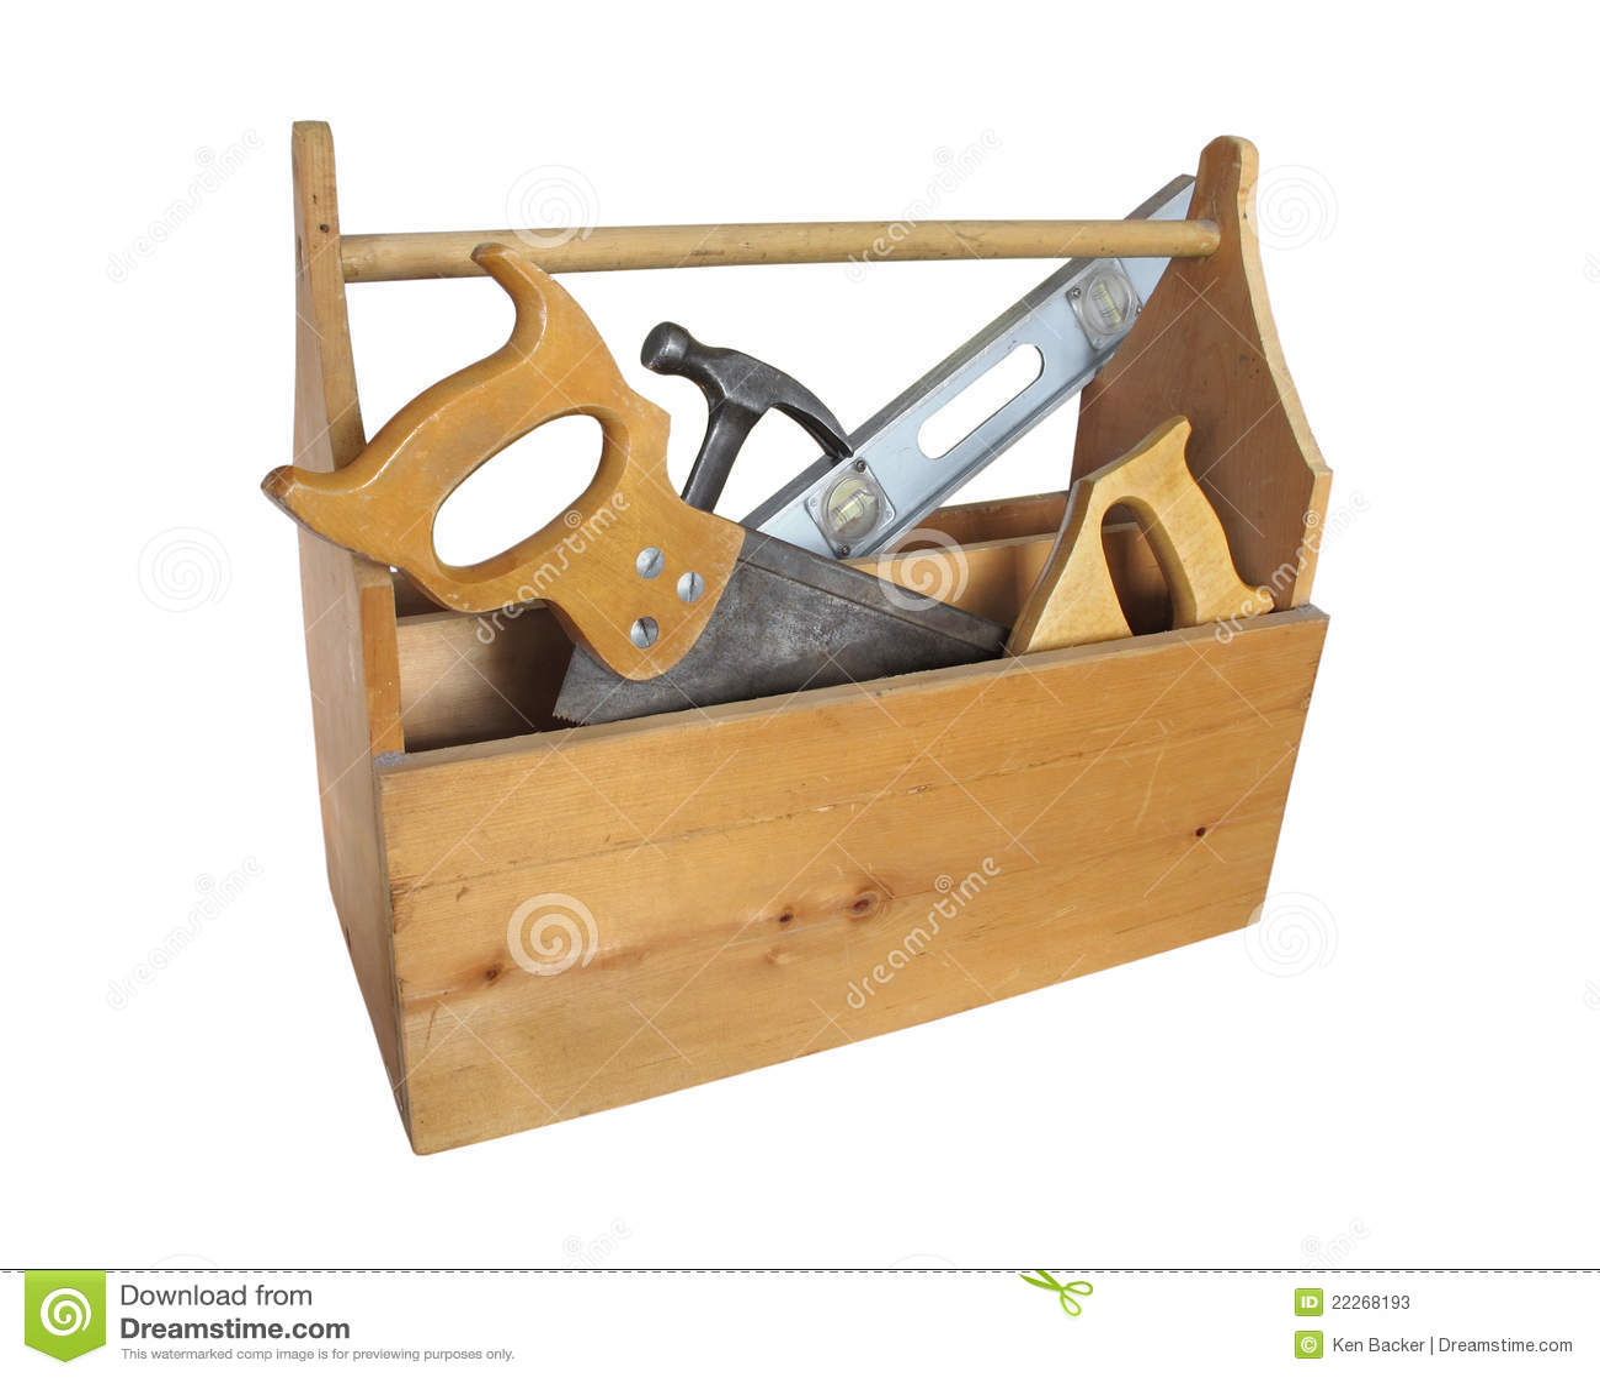 Caixa de ferramentas de madeira com ferramentas